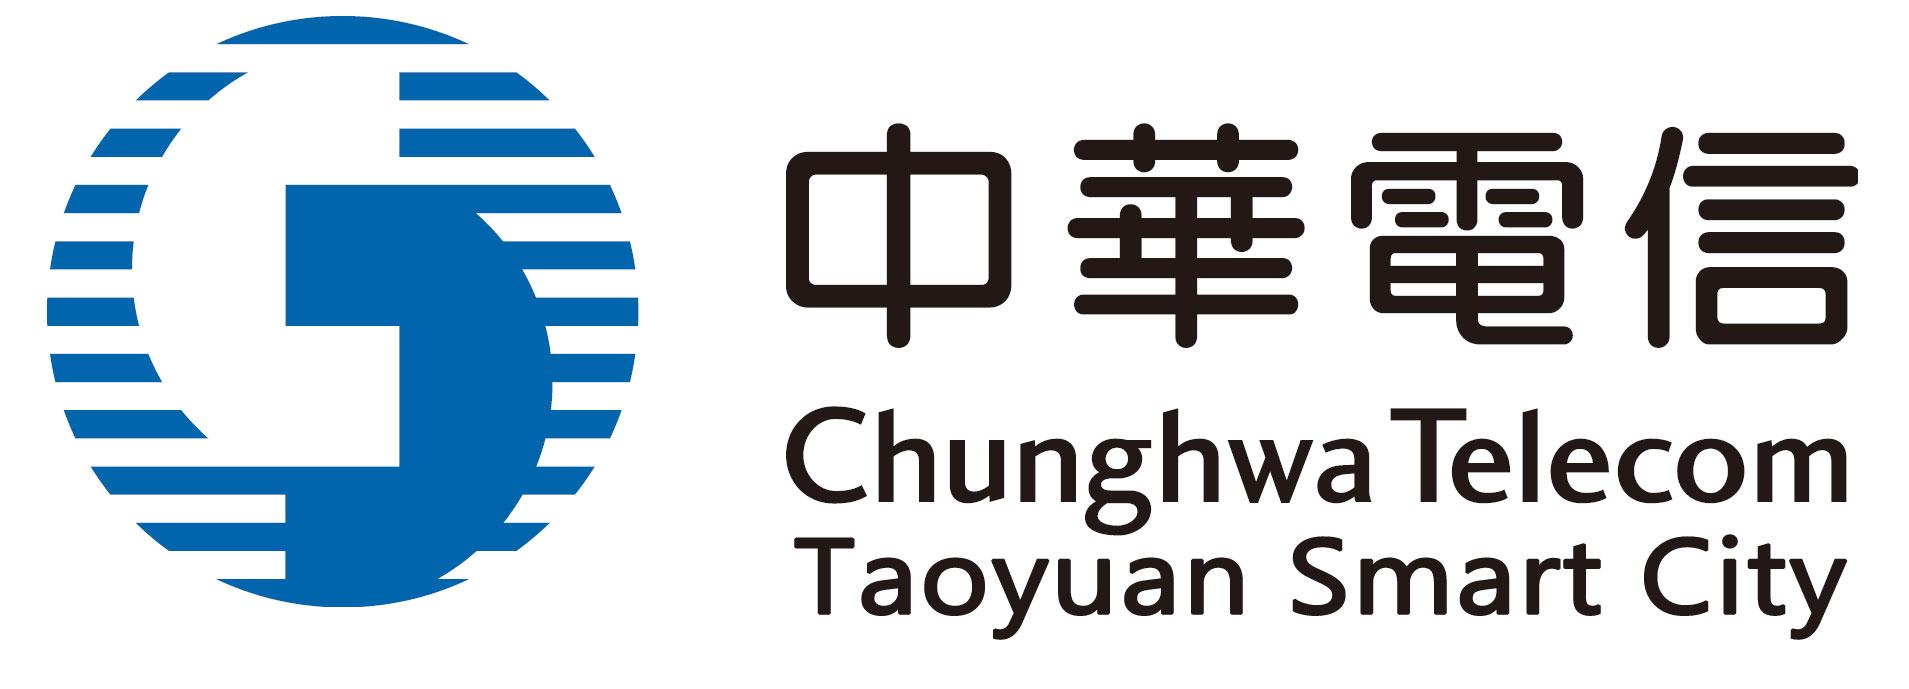 Chunghwa.jpg